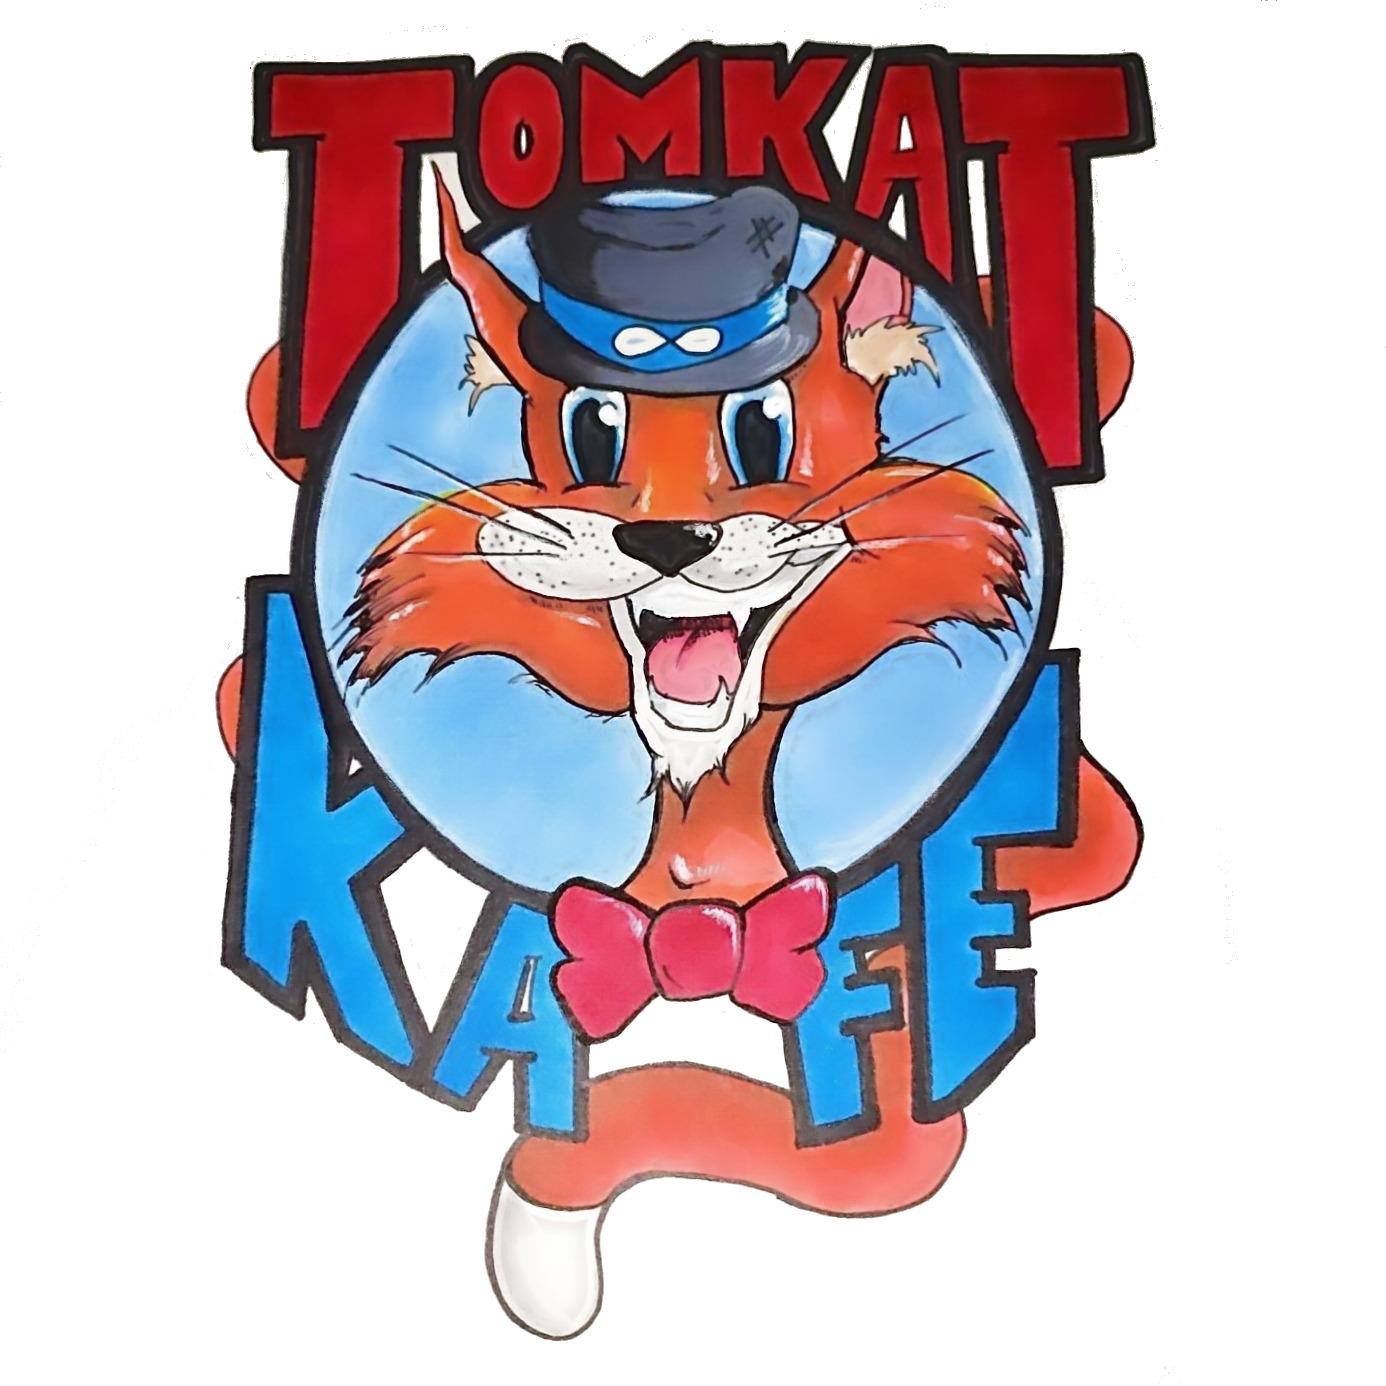 Tom Kat Kafe